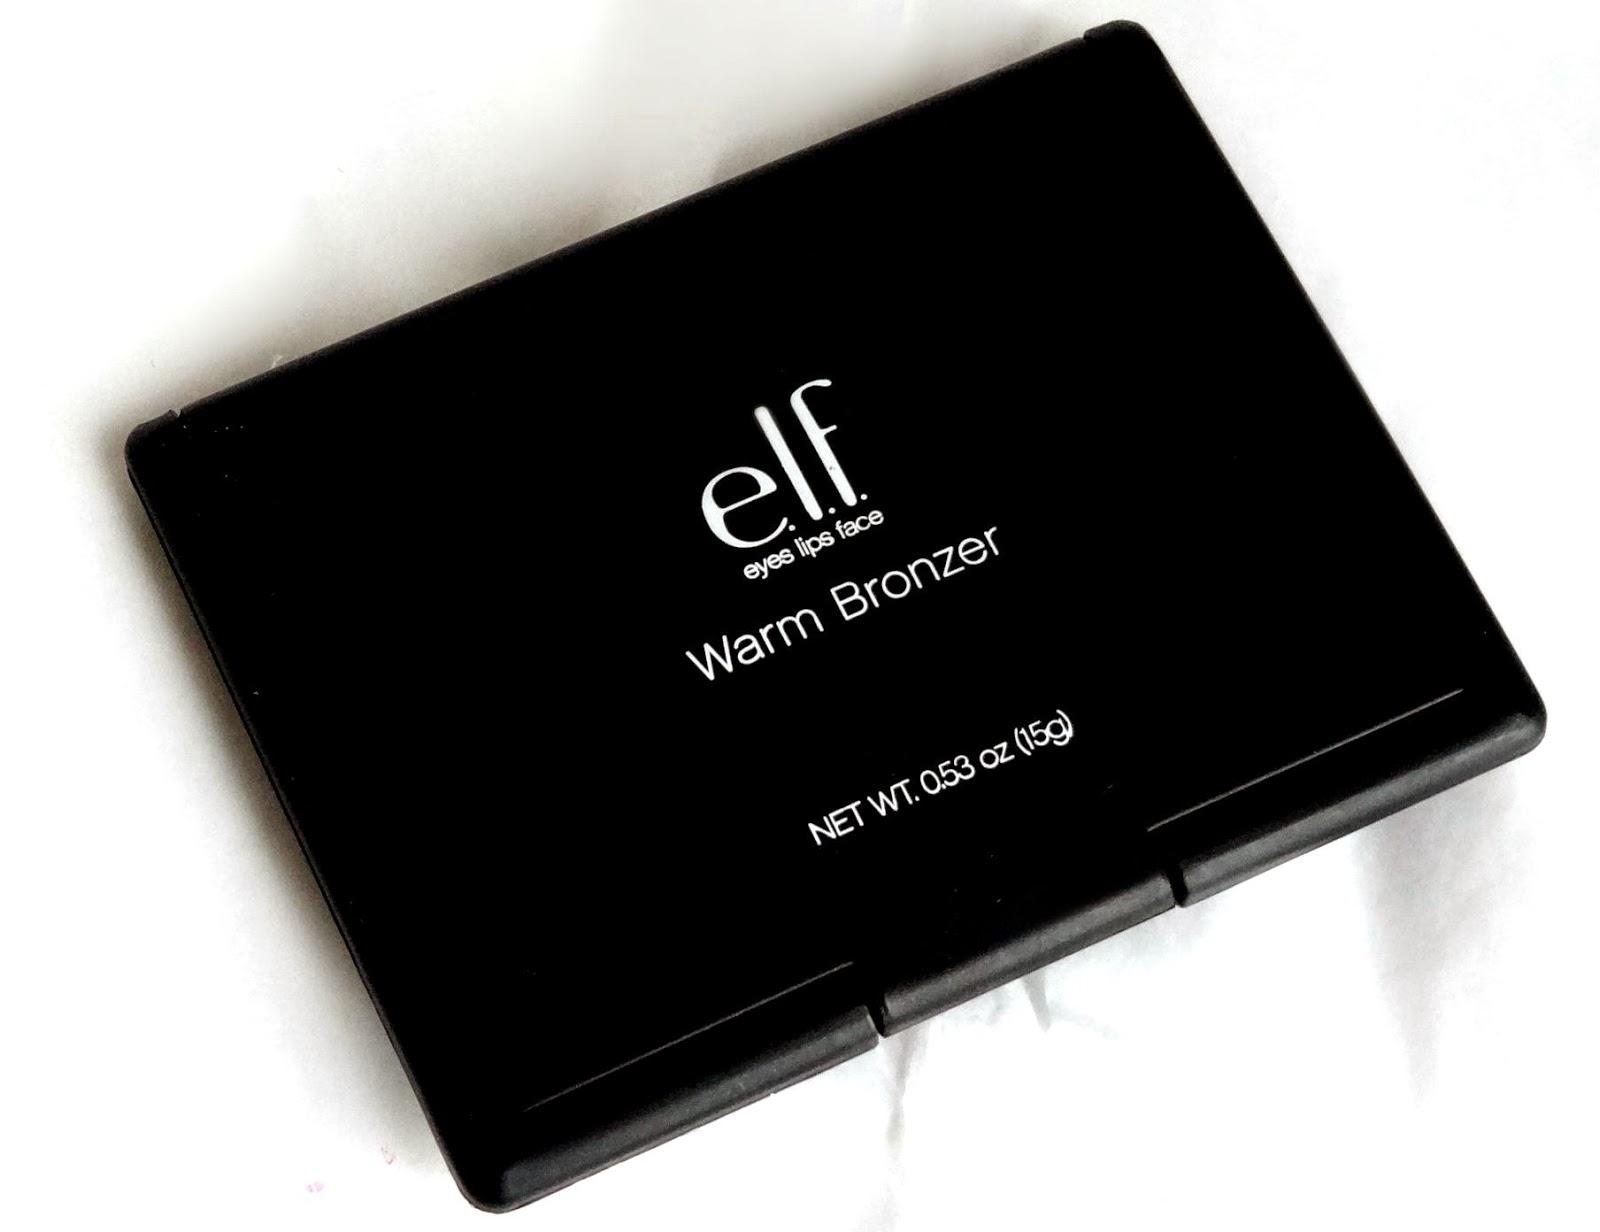 e.l.f Cosmetics Studio Bronzer: Warm